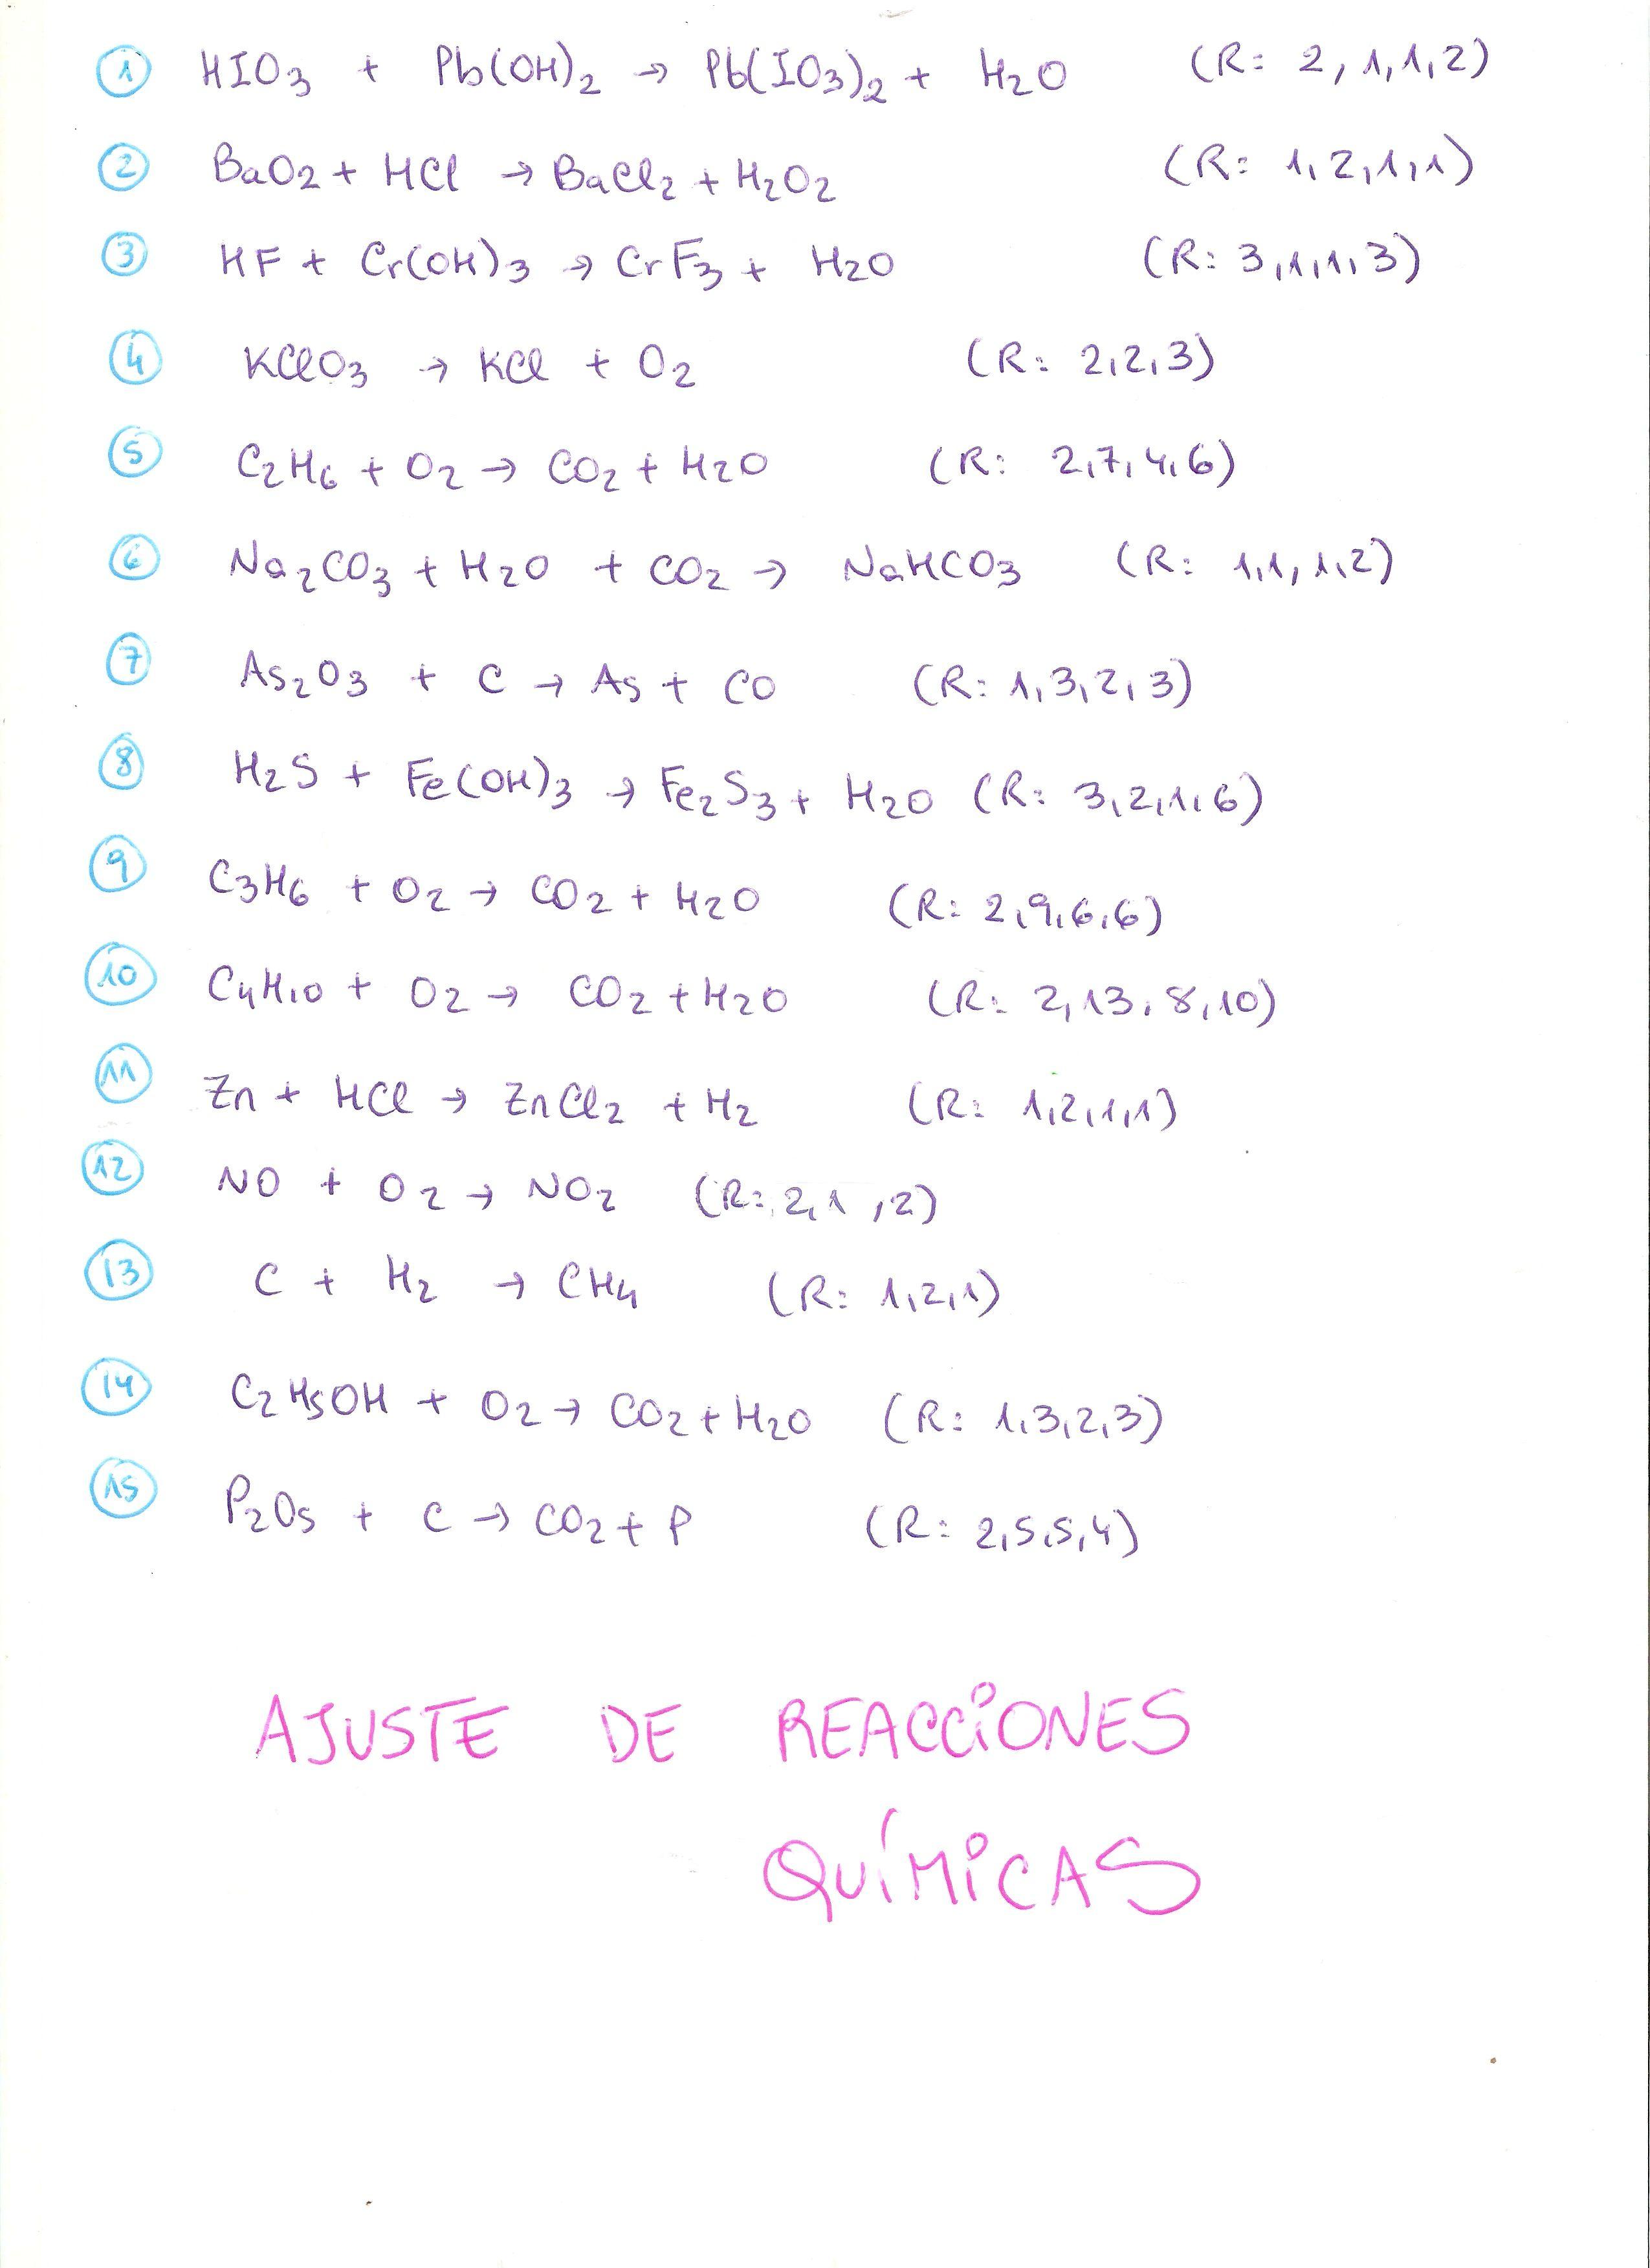 Ejercicios Propuestos De Ajuste De Reacciones Químicas Con Resultados Finales Nivel 4eso Reacciones Quimicas Química Ejercicios